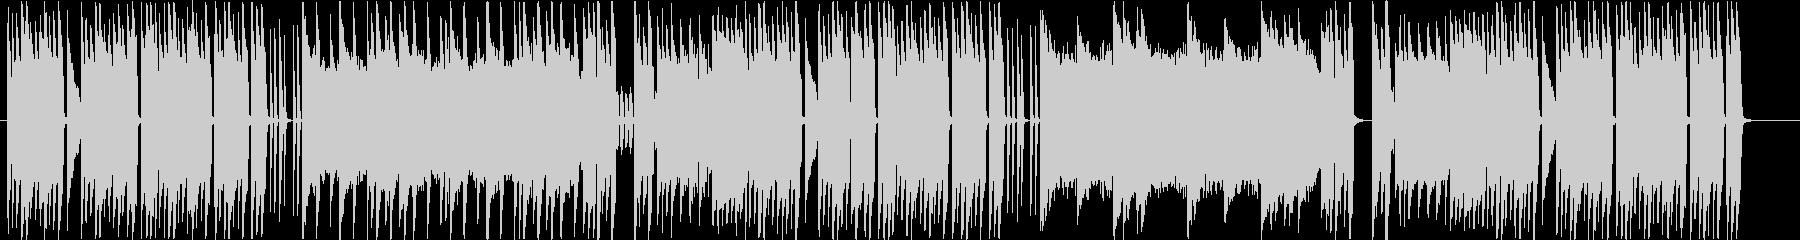 楽しい可愛いチップチューン曲の未再生の波形